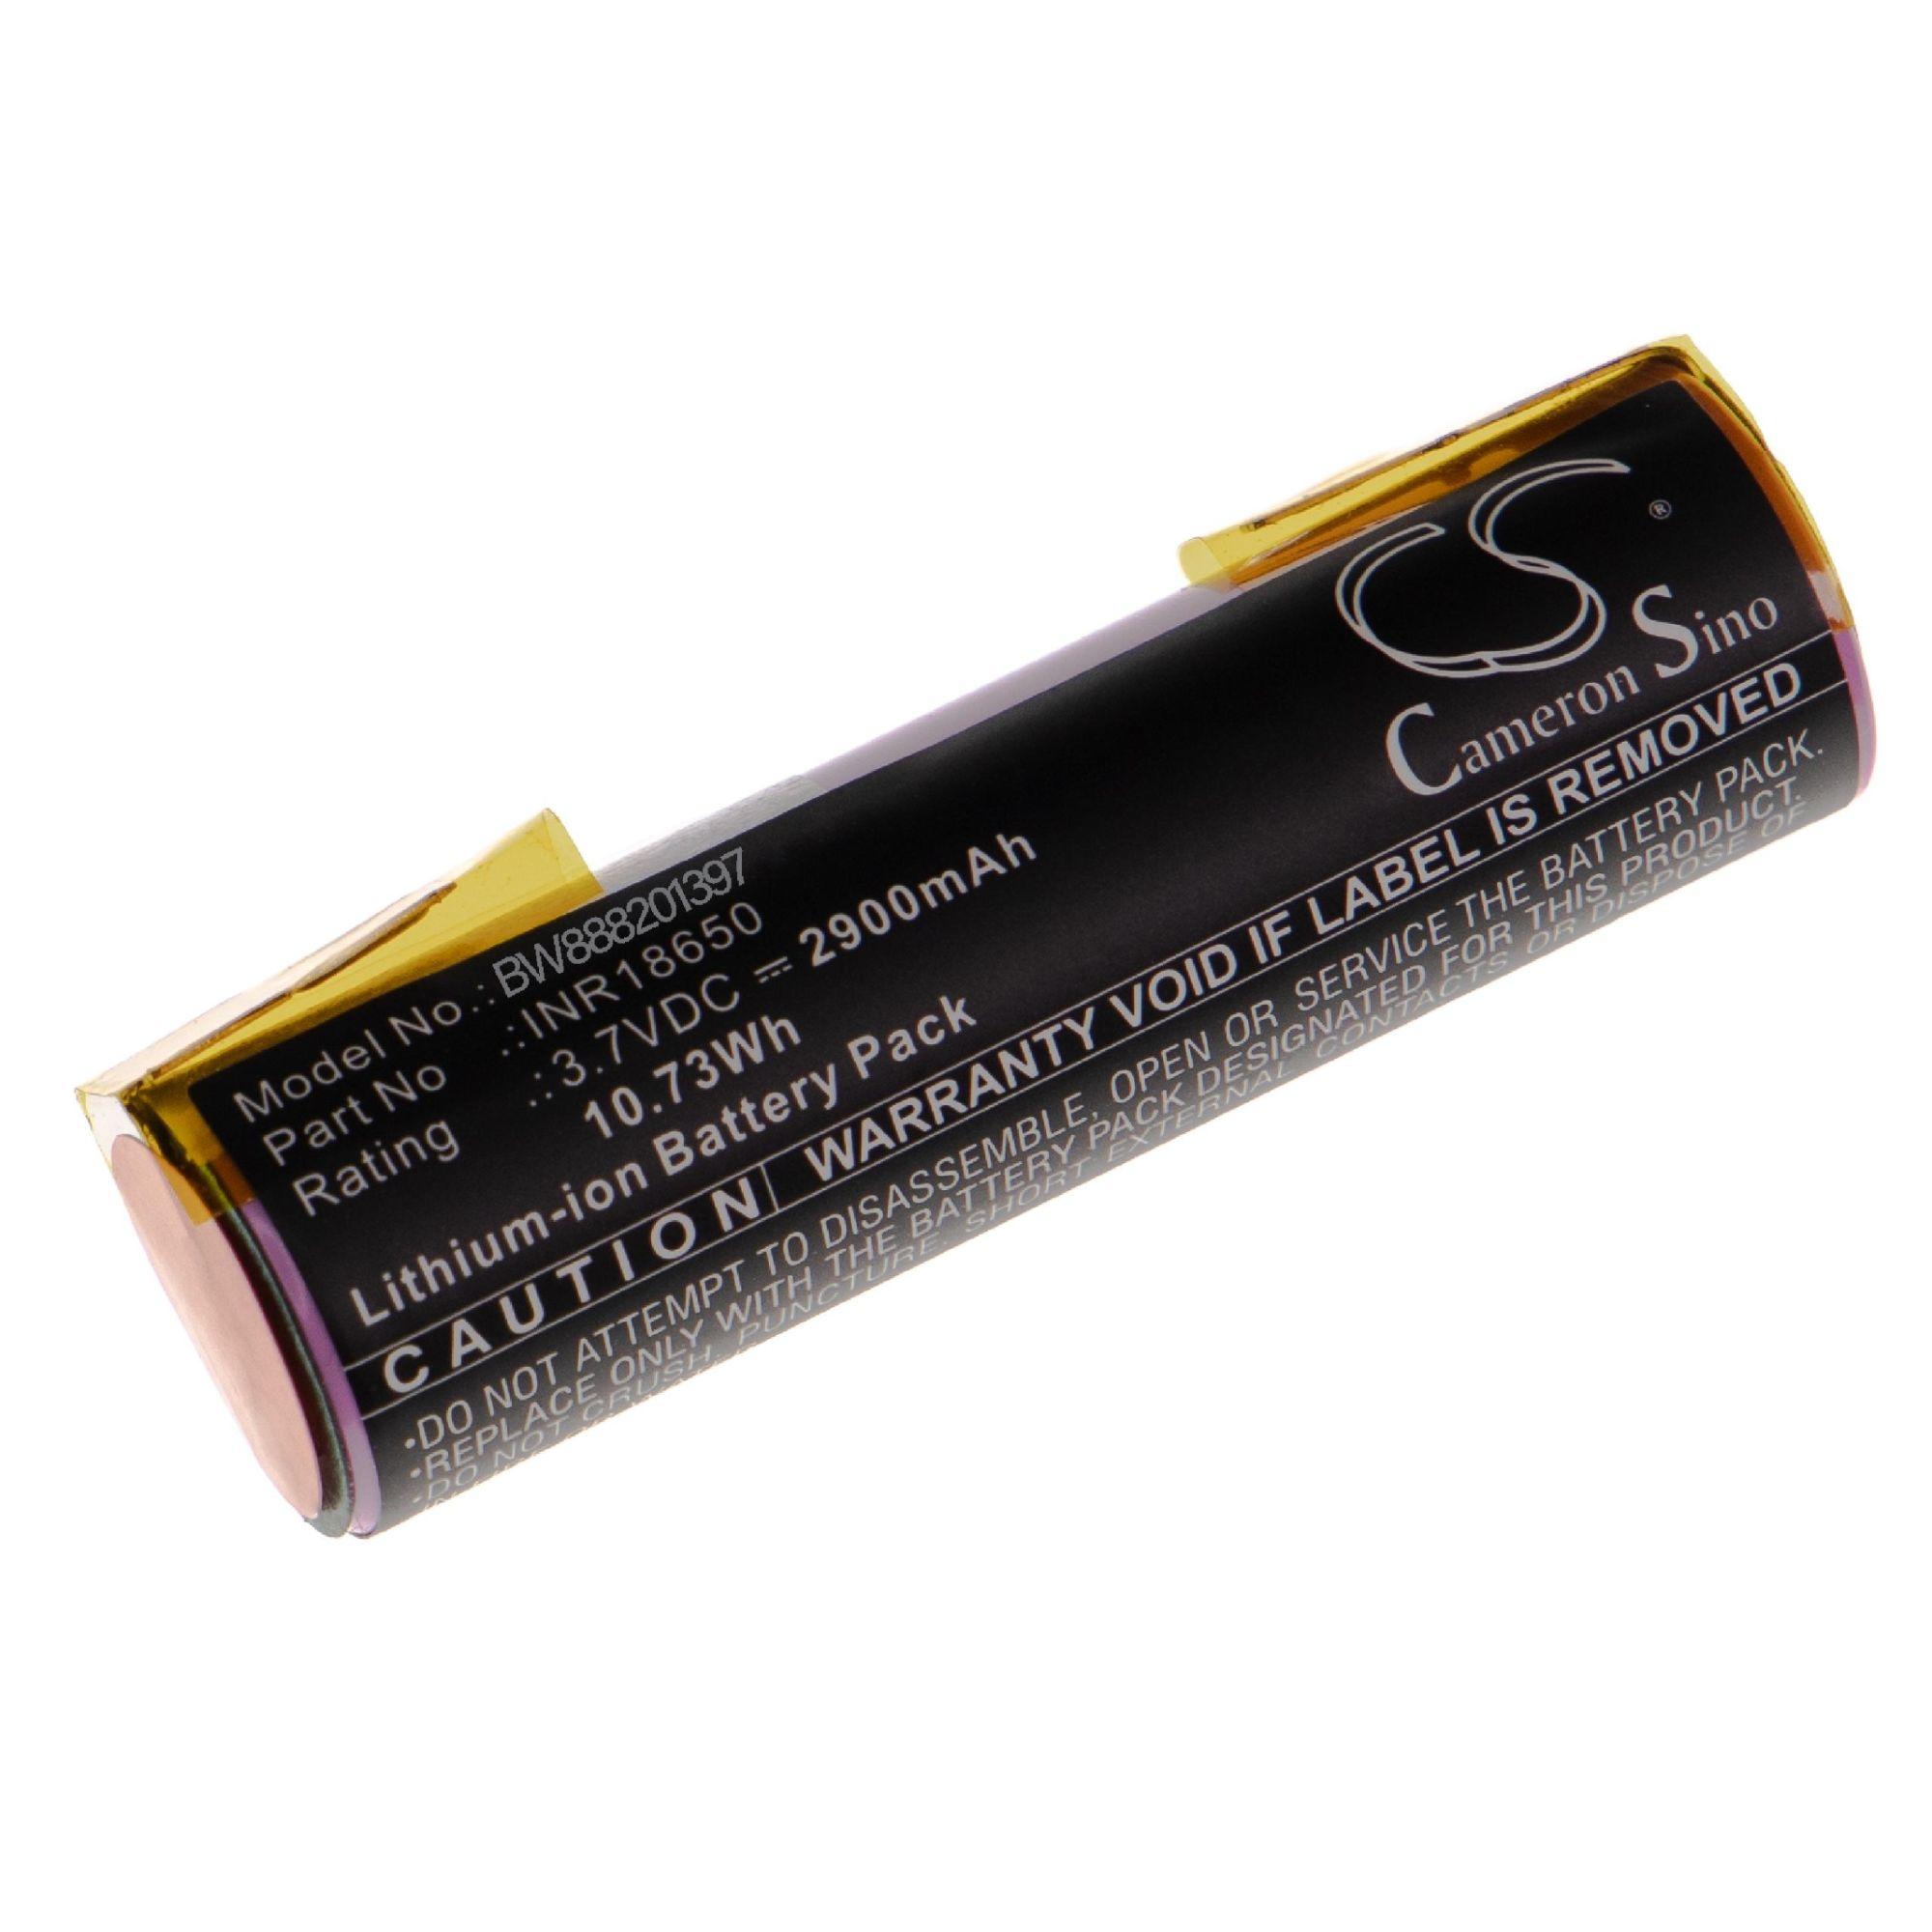 vhbw bater/ía 2900mAh Li-Ion 3,7V celda de bater/ía compatible con Vileda Windomatic herramientas el/éctricas